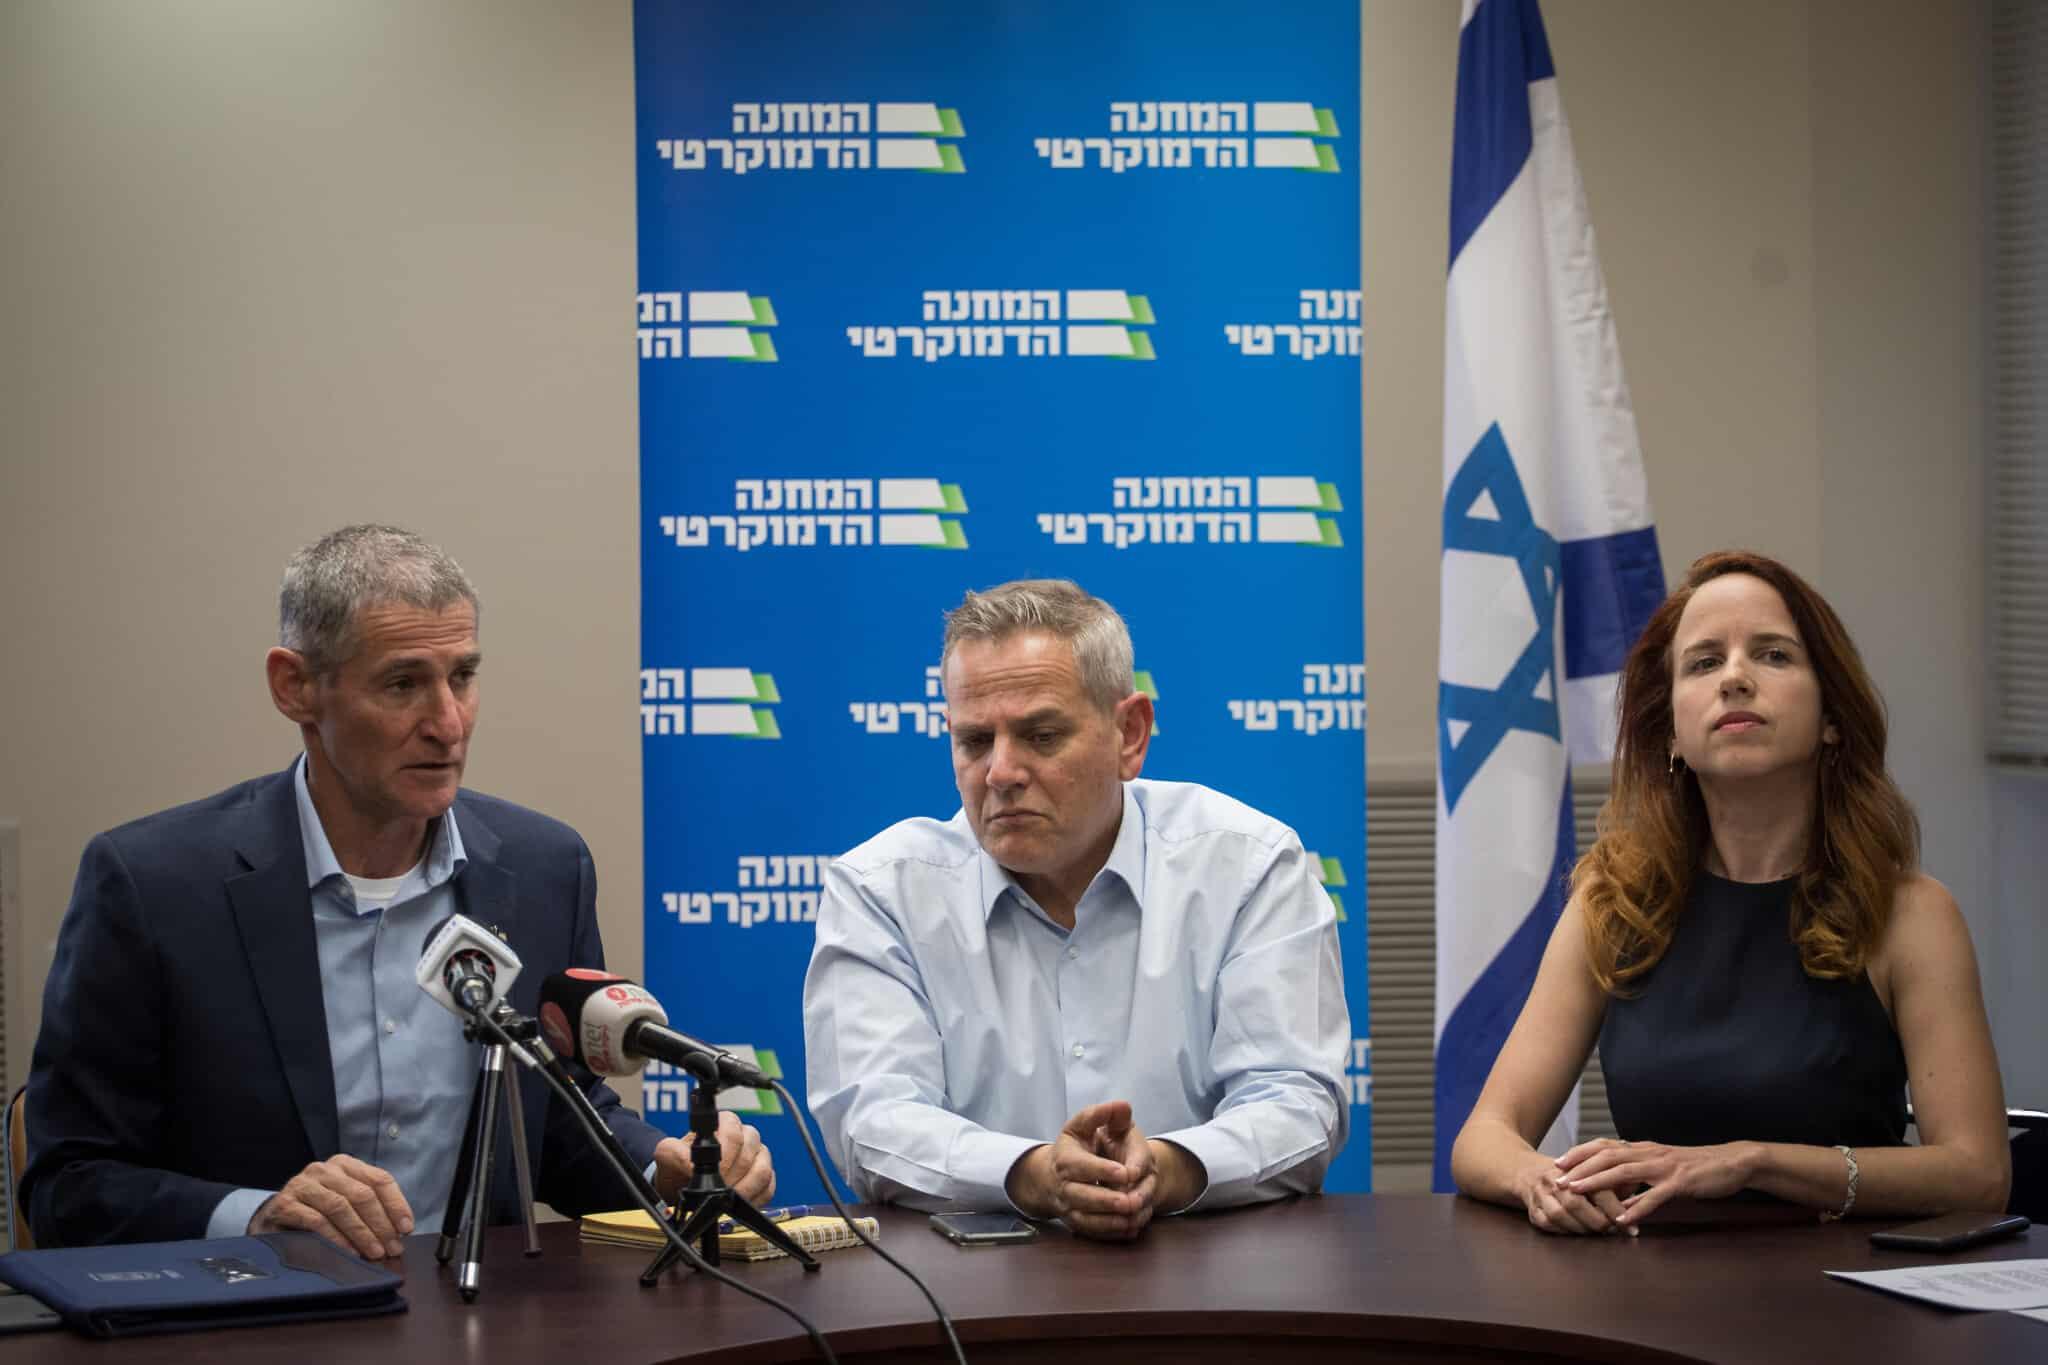 סתיו שפיר, ניצן הורוביץ ויאיר גולן בפתח ישיבת סיעת המחנה הדמוקרטי בכנסת, ב-18 בנובמבר 2019 (צילום: הדס פרוש/פלאש90)